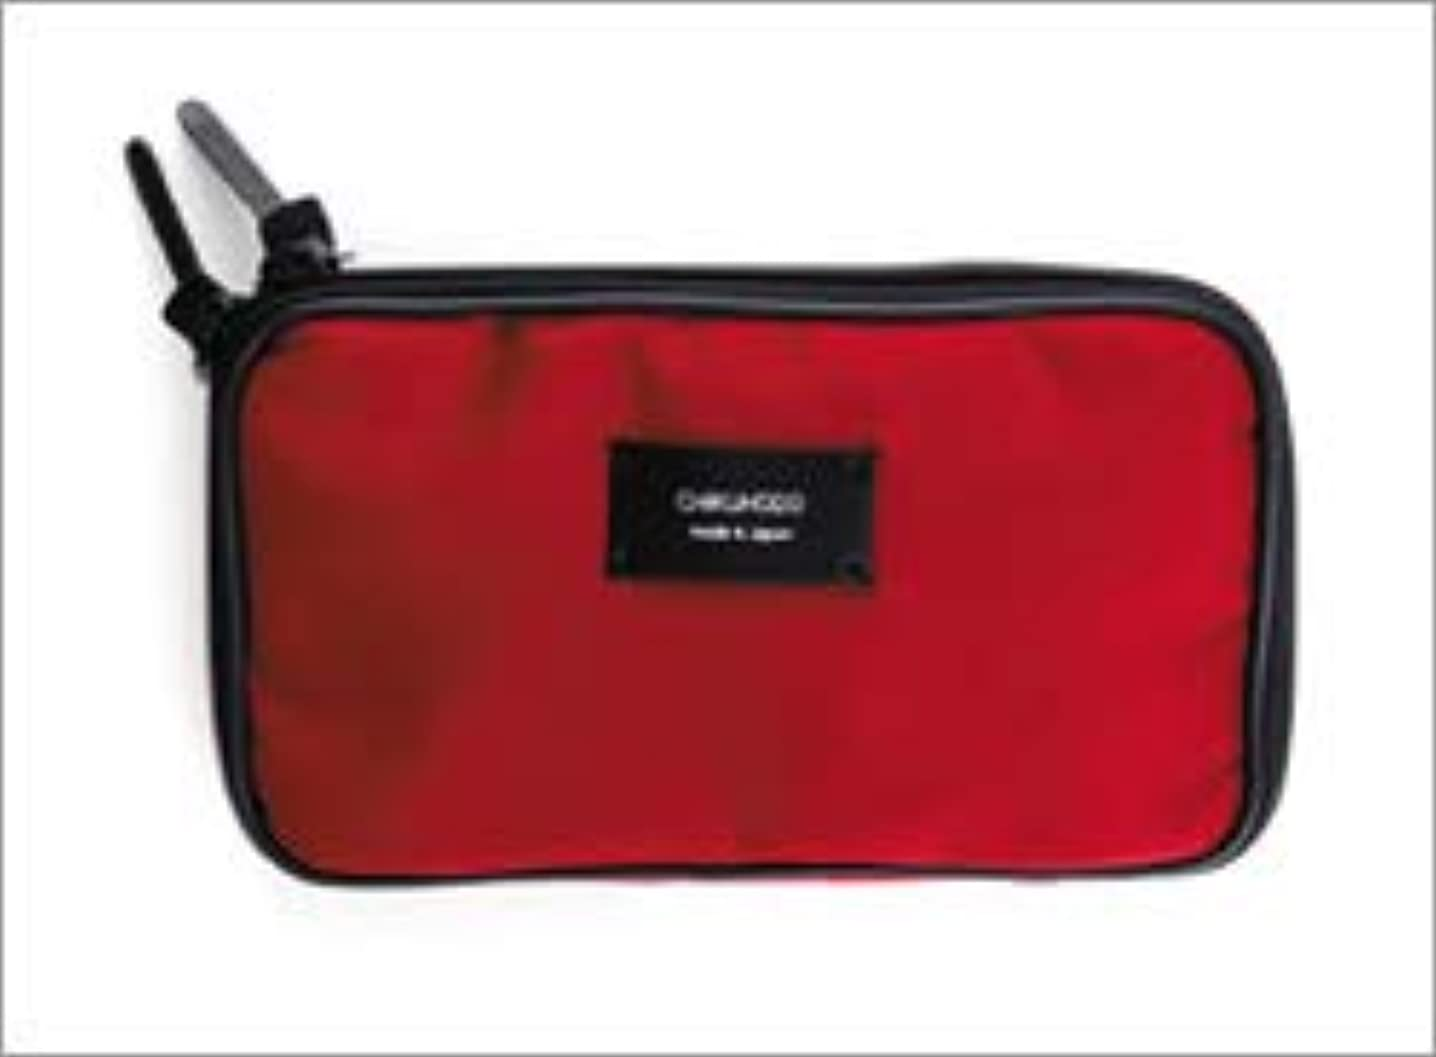 路地開いた月面熊野筆 竹宝堂 正規品 ブラシケース(化粧ポーチ) C-5 材質:ナイロン 広島 化粧筆